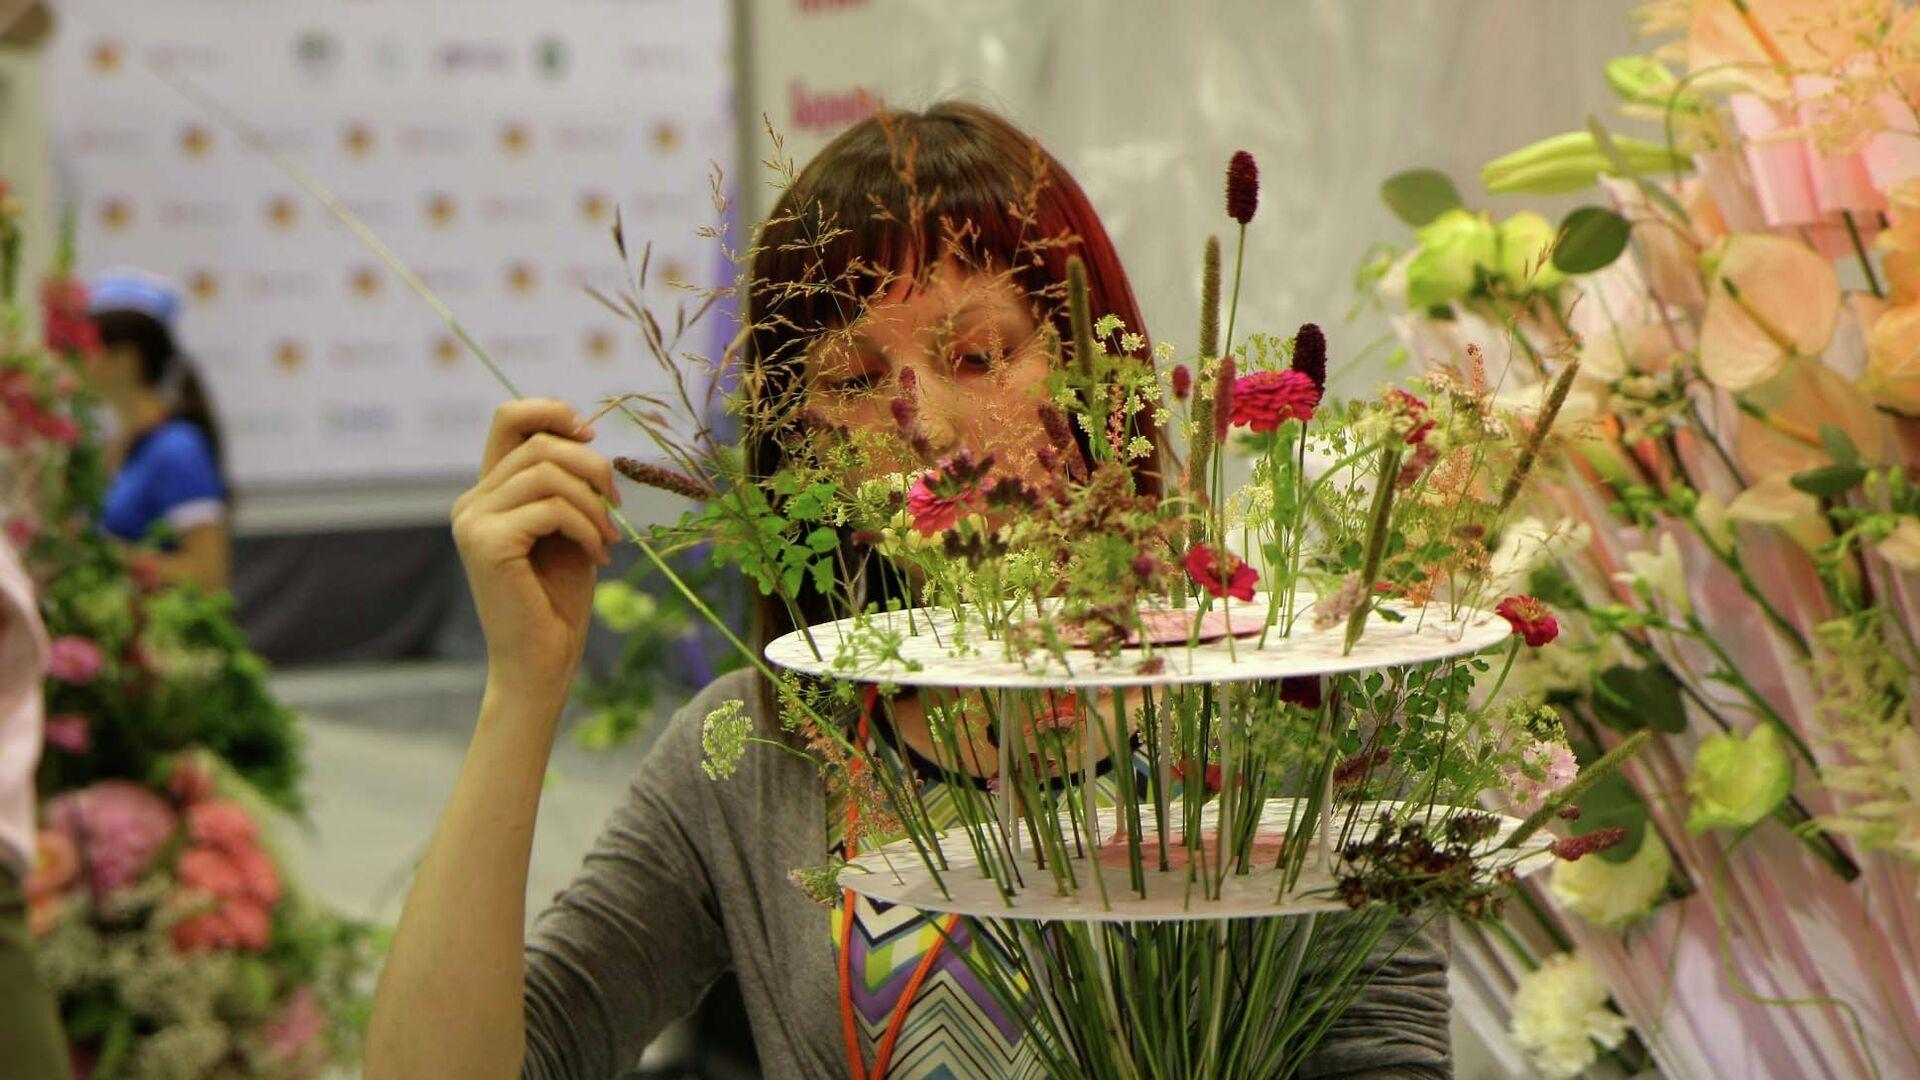 Выставка цветов в Новосибирске - РИА Новости, 1920, 24.07.2021